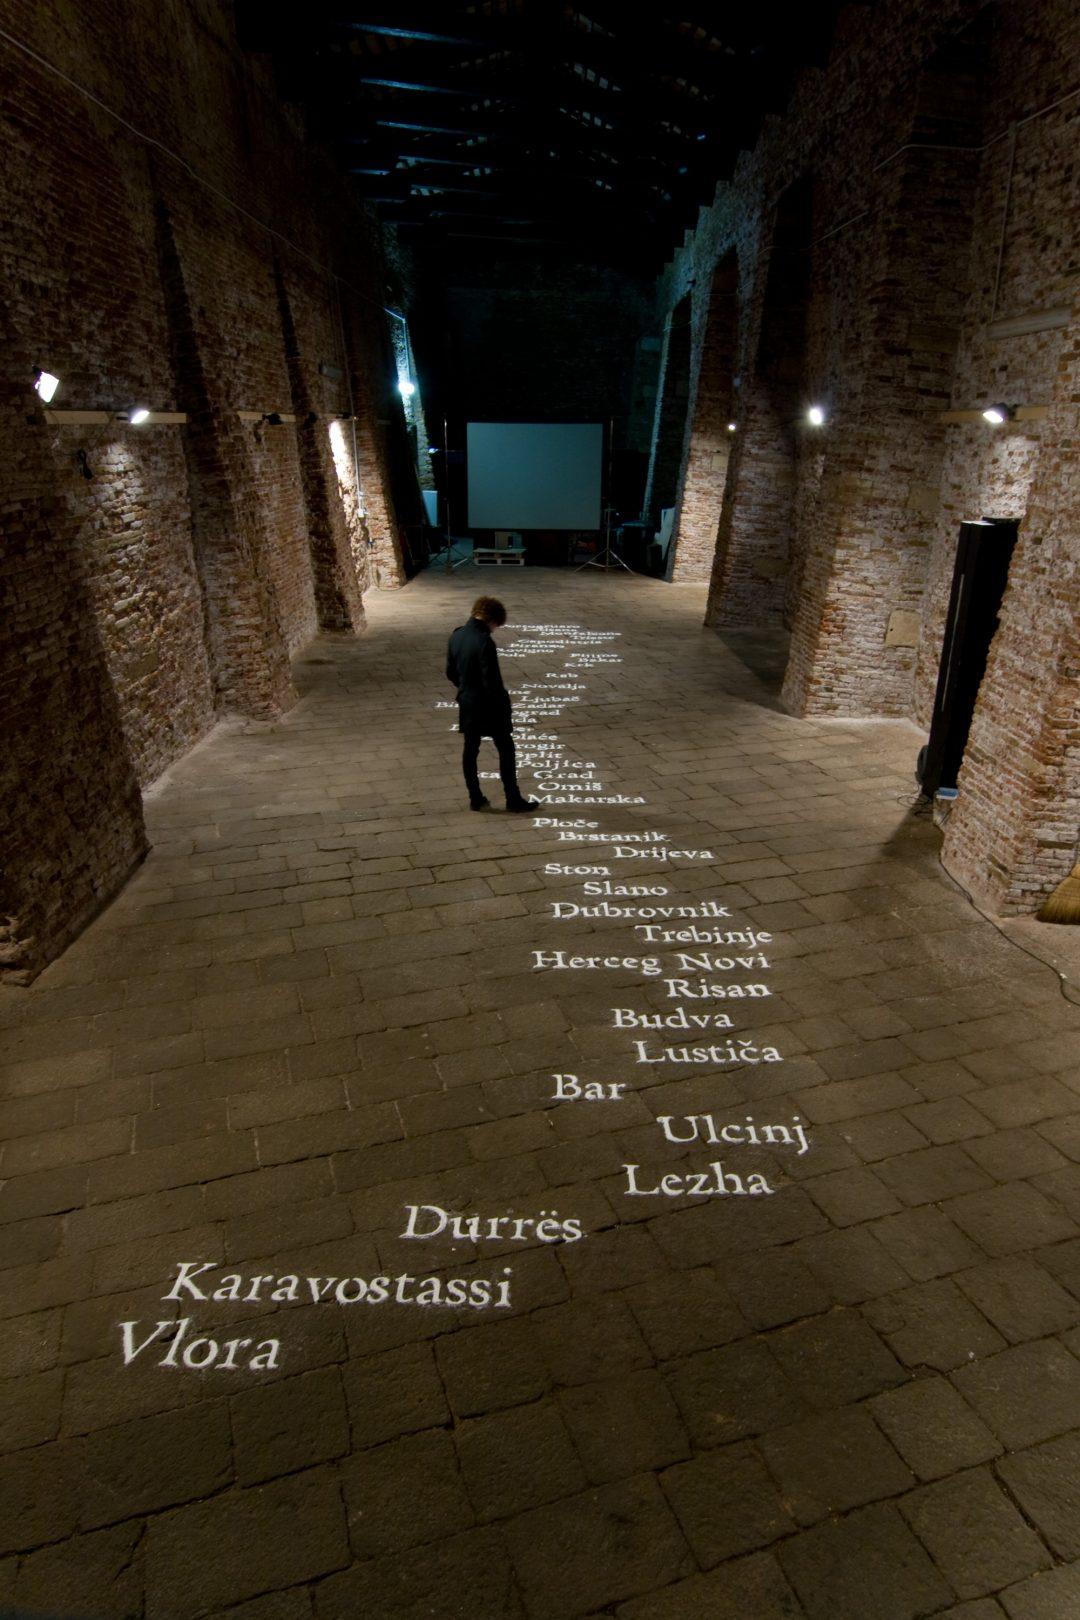 Venezia Vlora by Riccardo Berrone, Lupo Borgonovo, Silvio Lorusso, Simona Materazzini